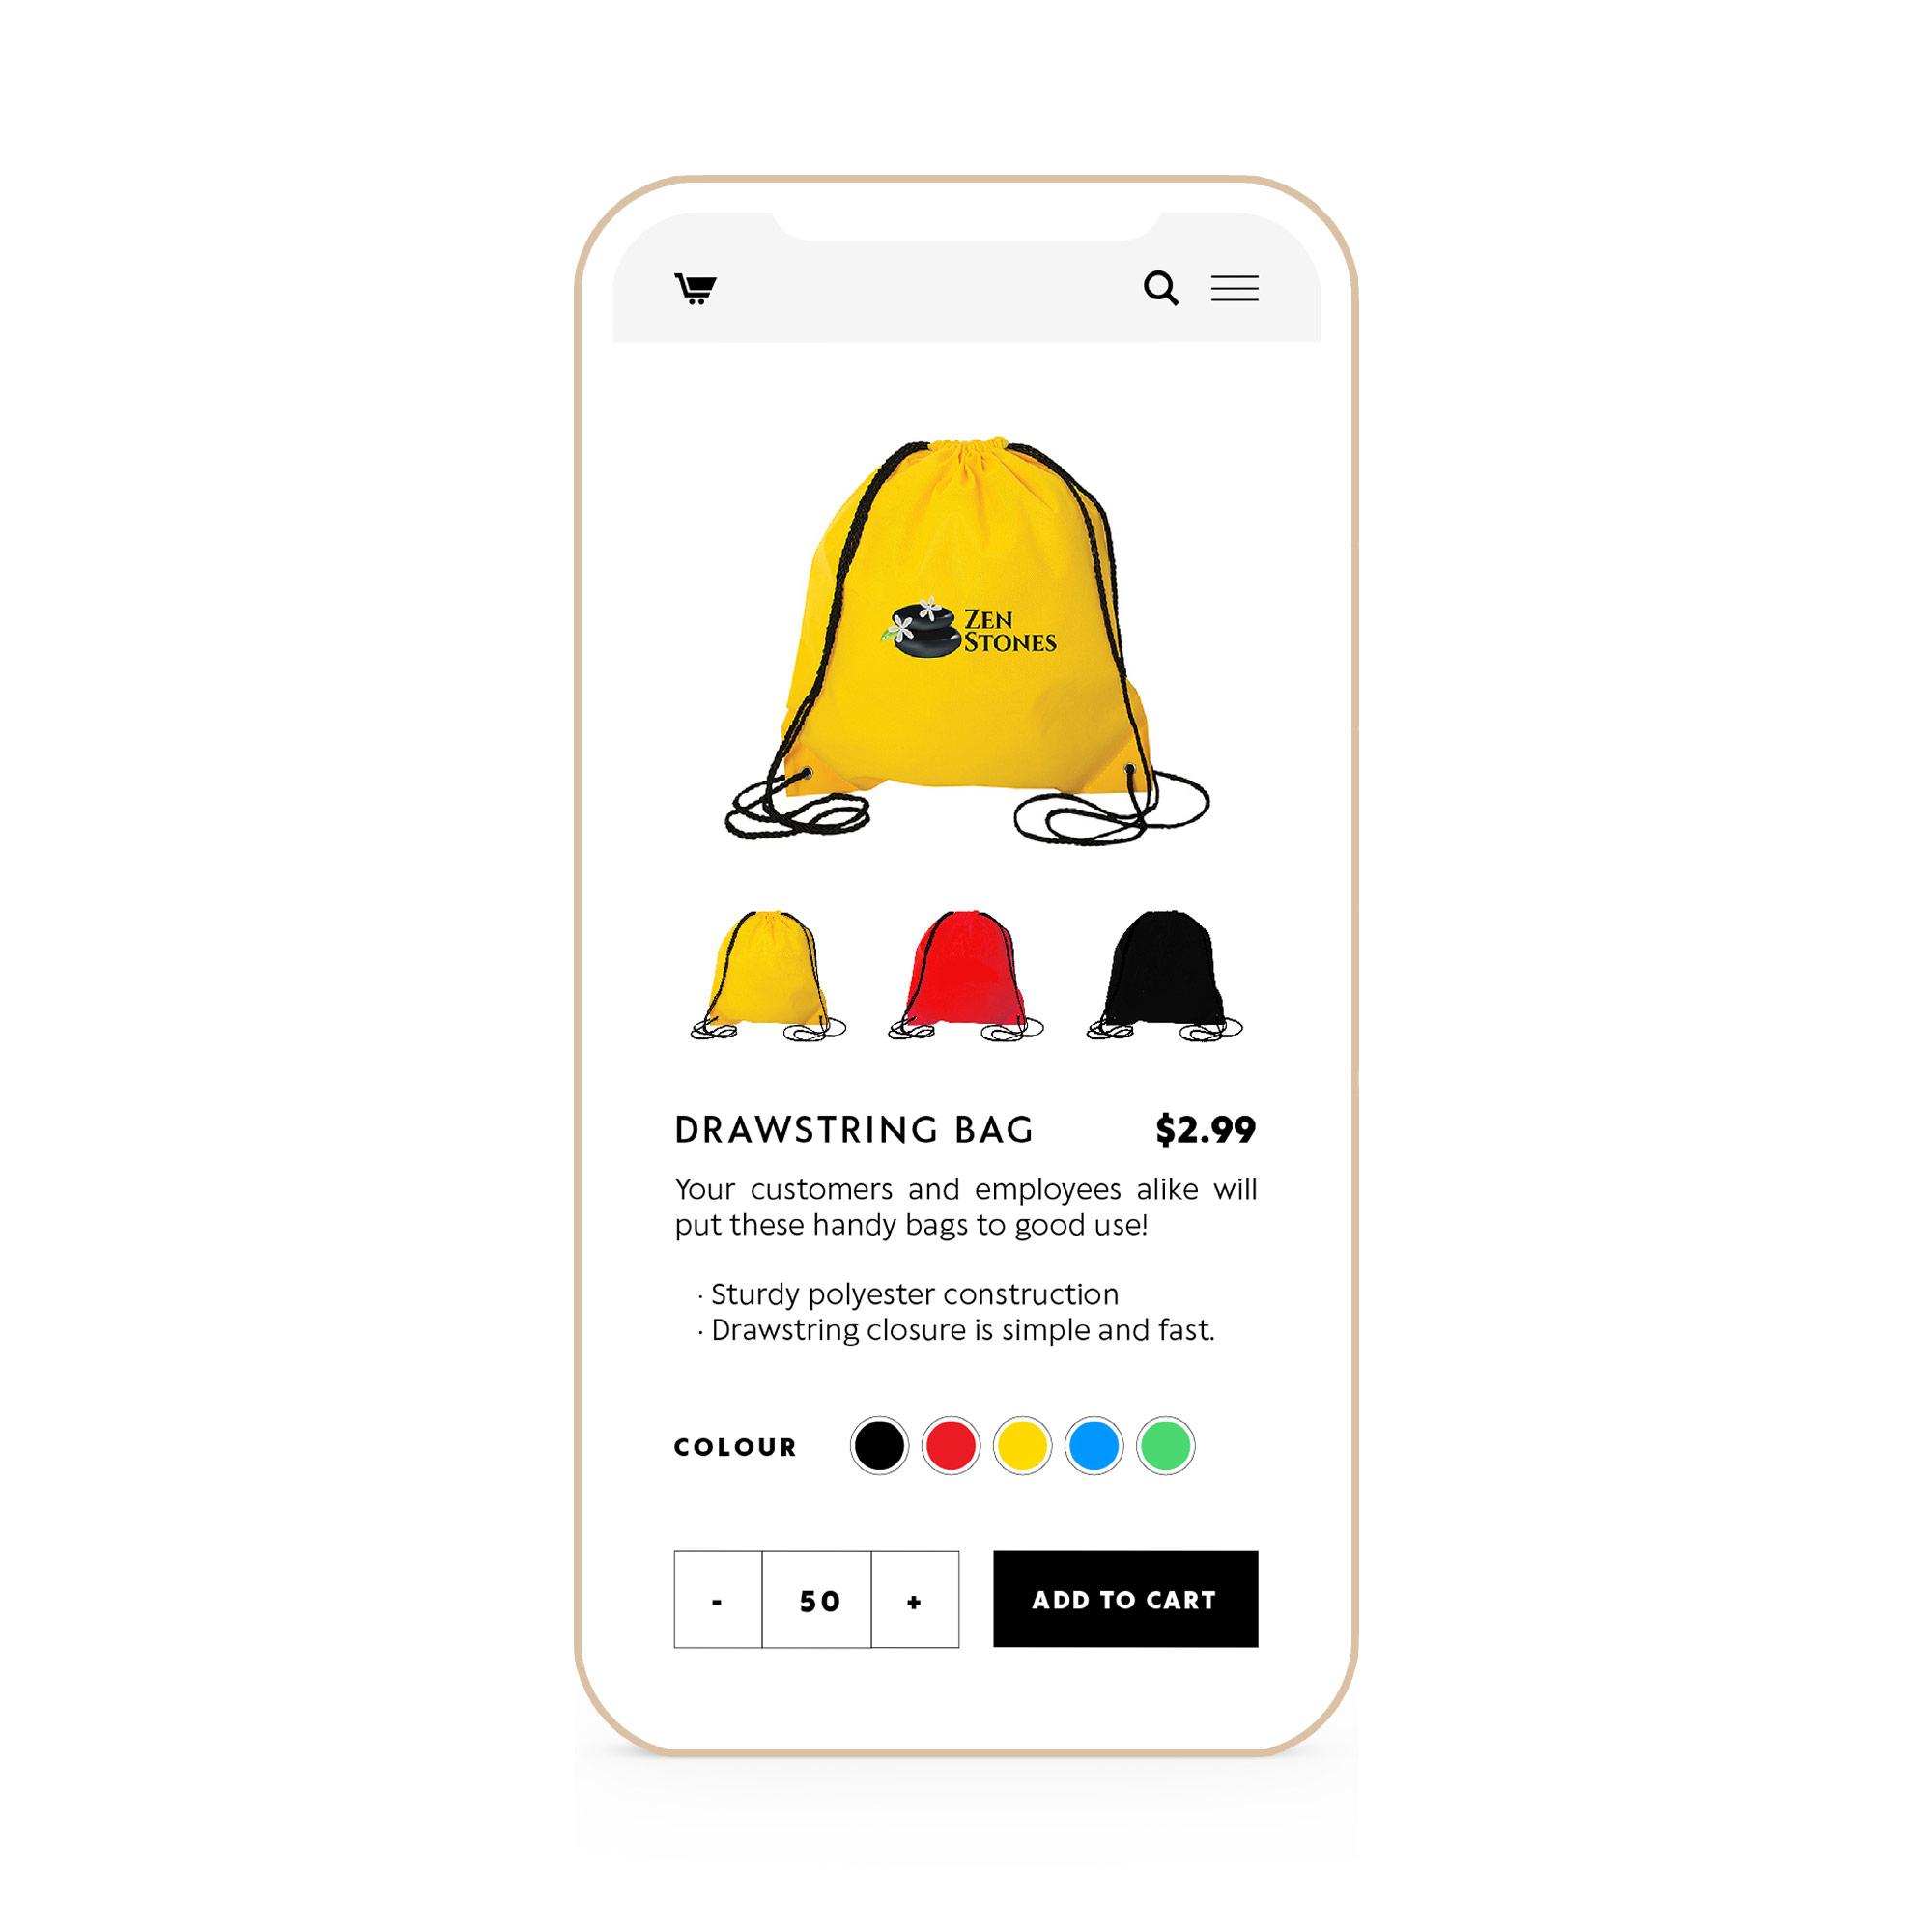 Dreamcatcher Winnipeg Feminist Brands Website Design Feminist Entrepreneurs iPhone